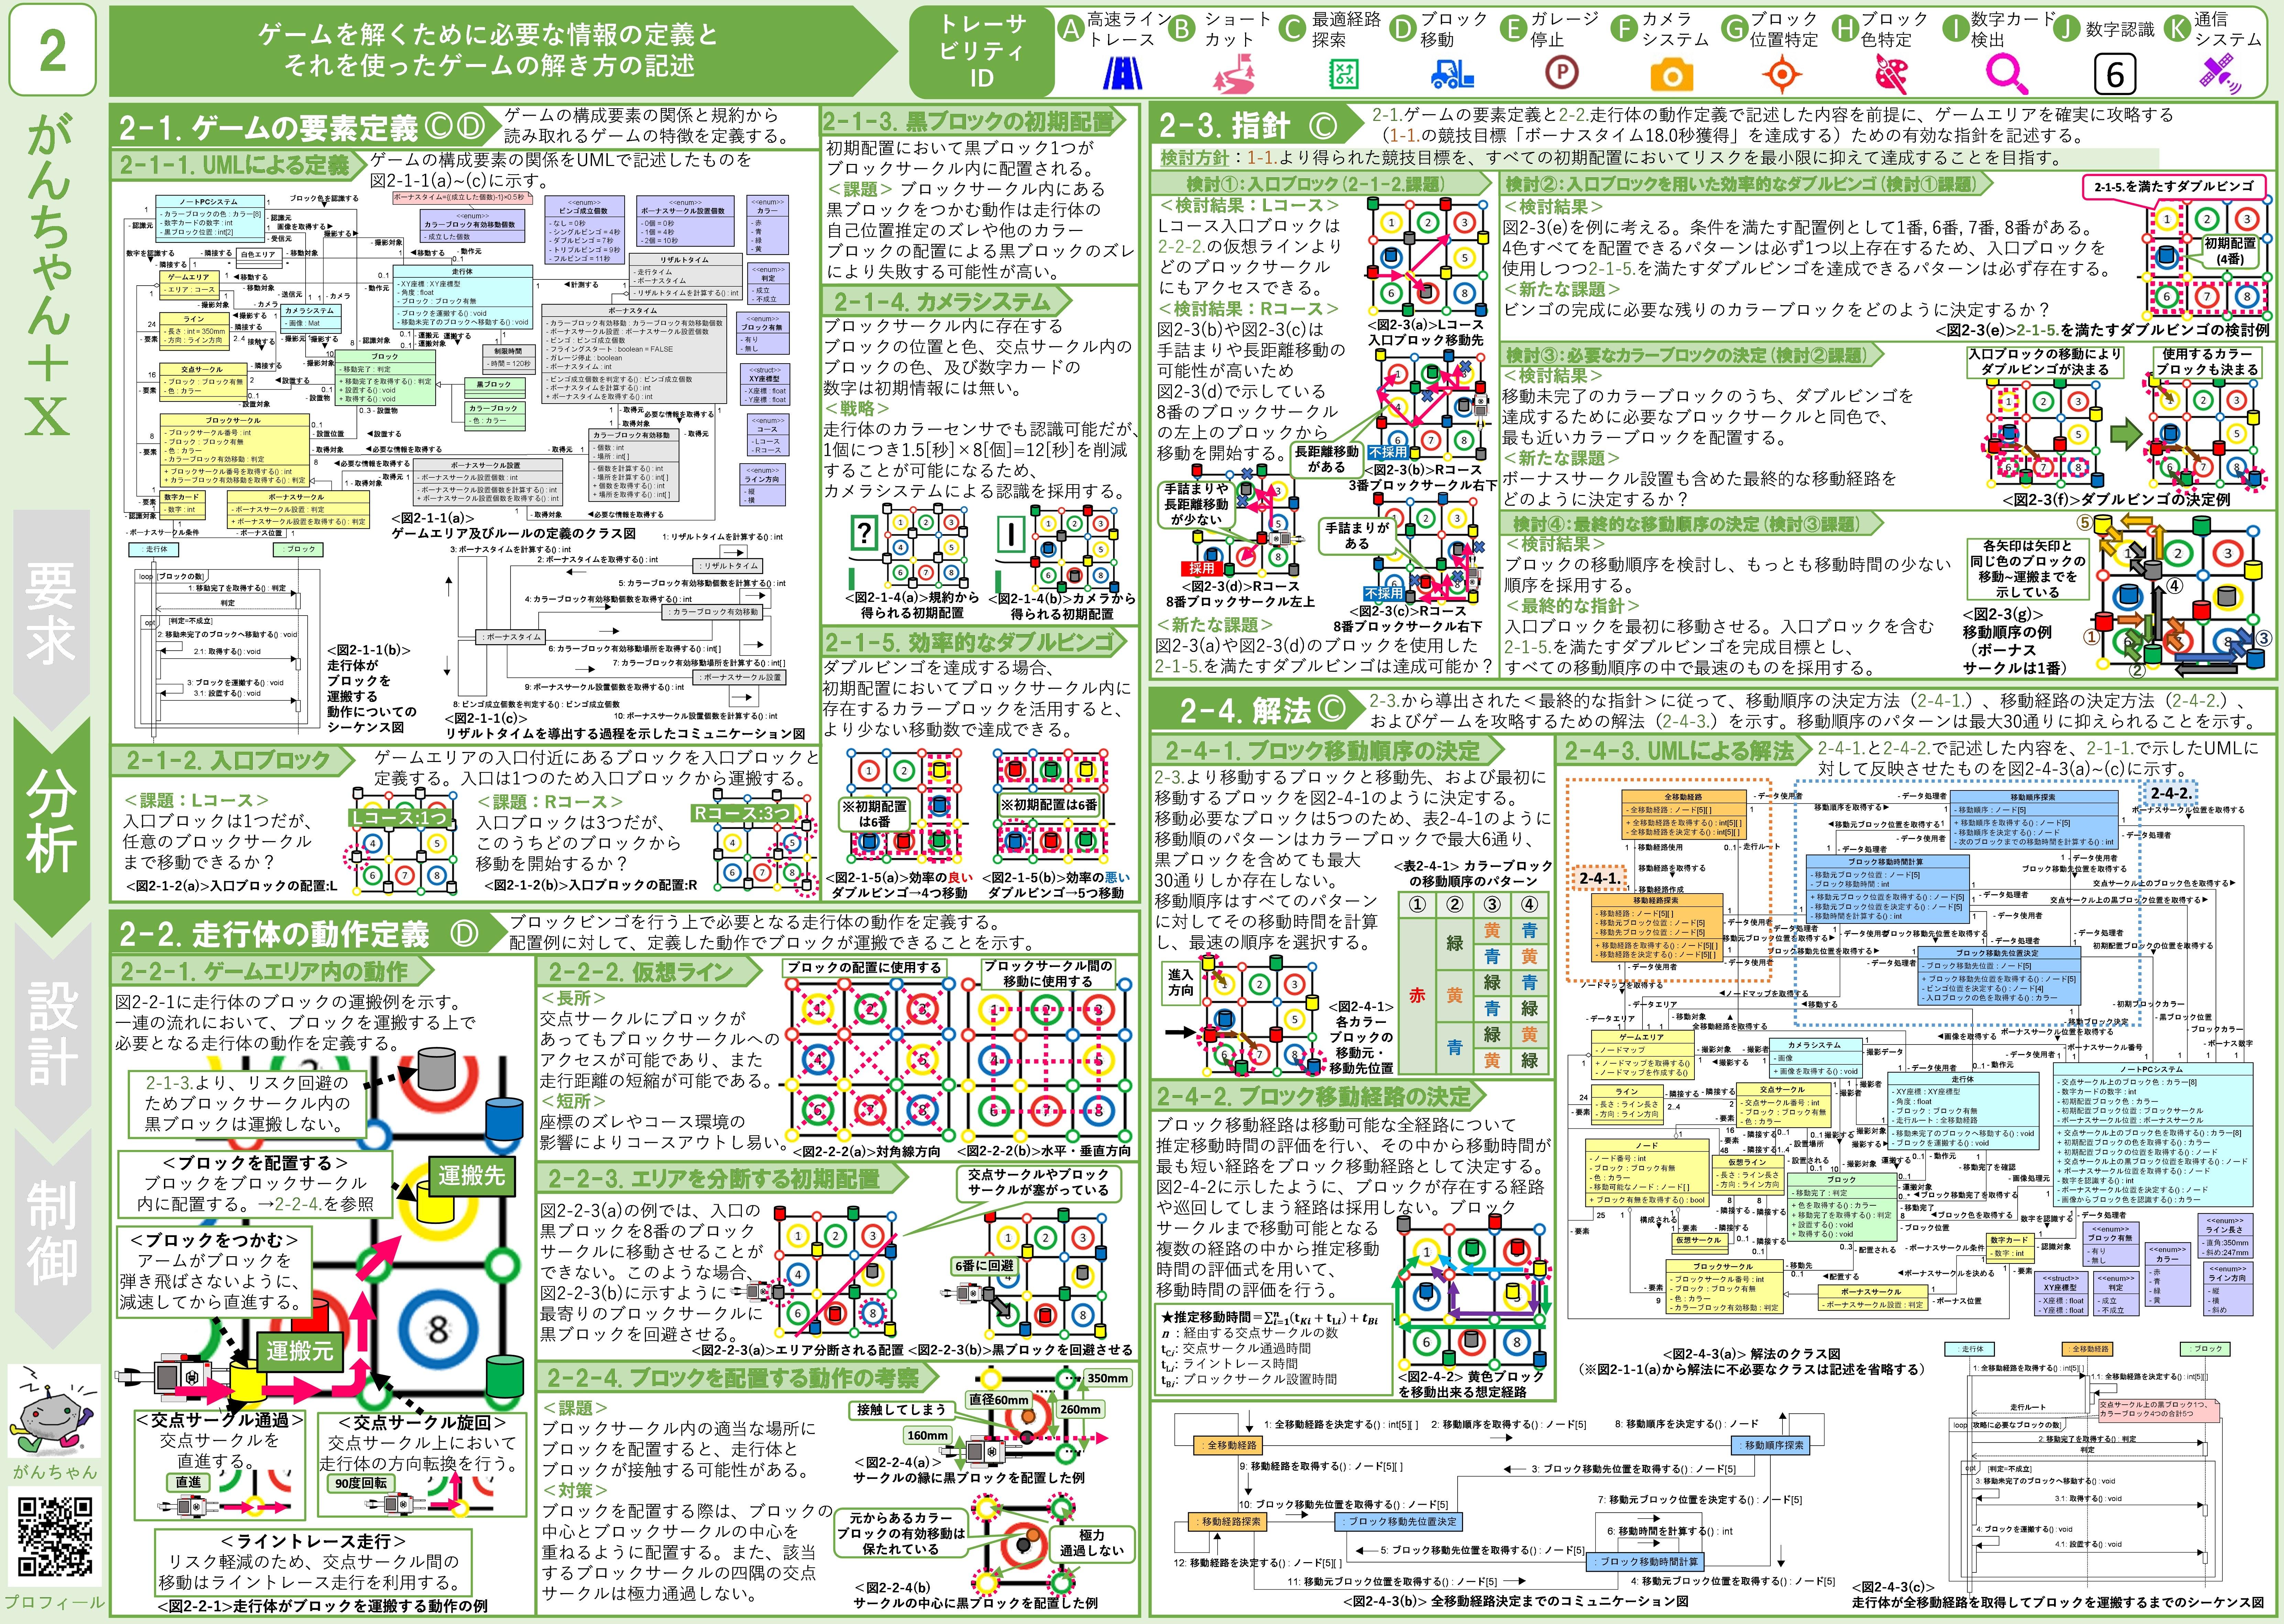 分析モデル_ver6.0.jpg